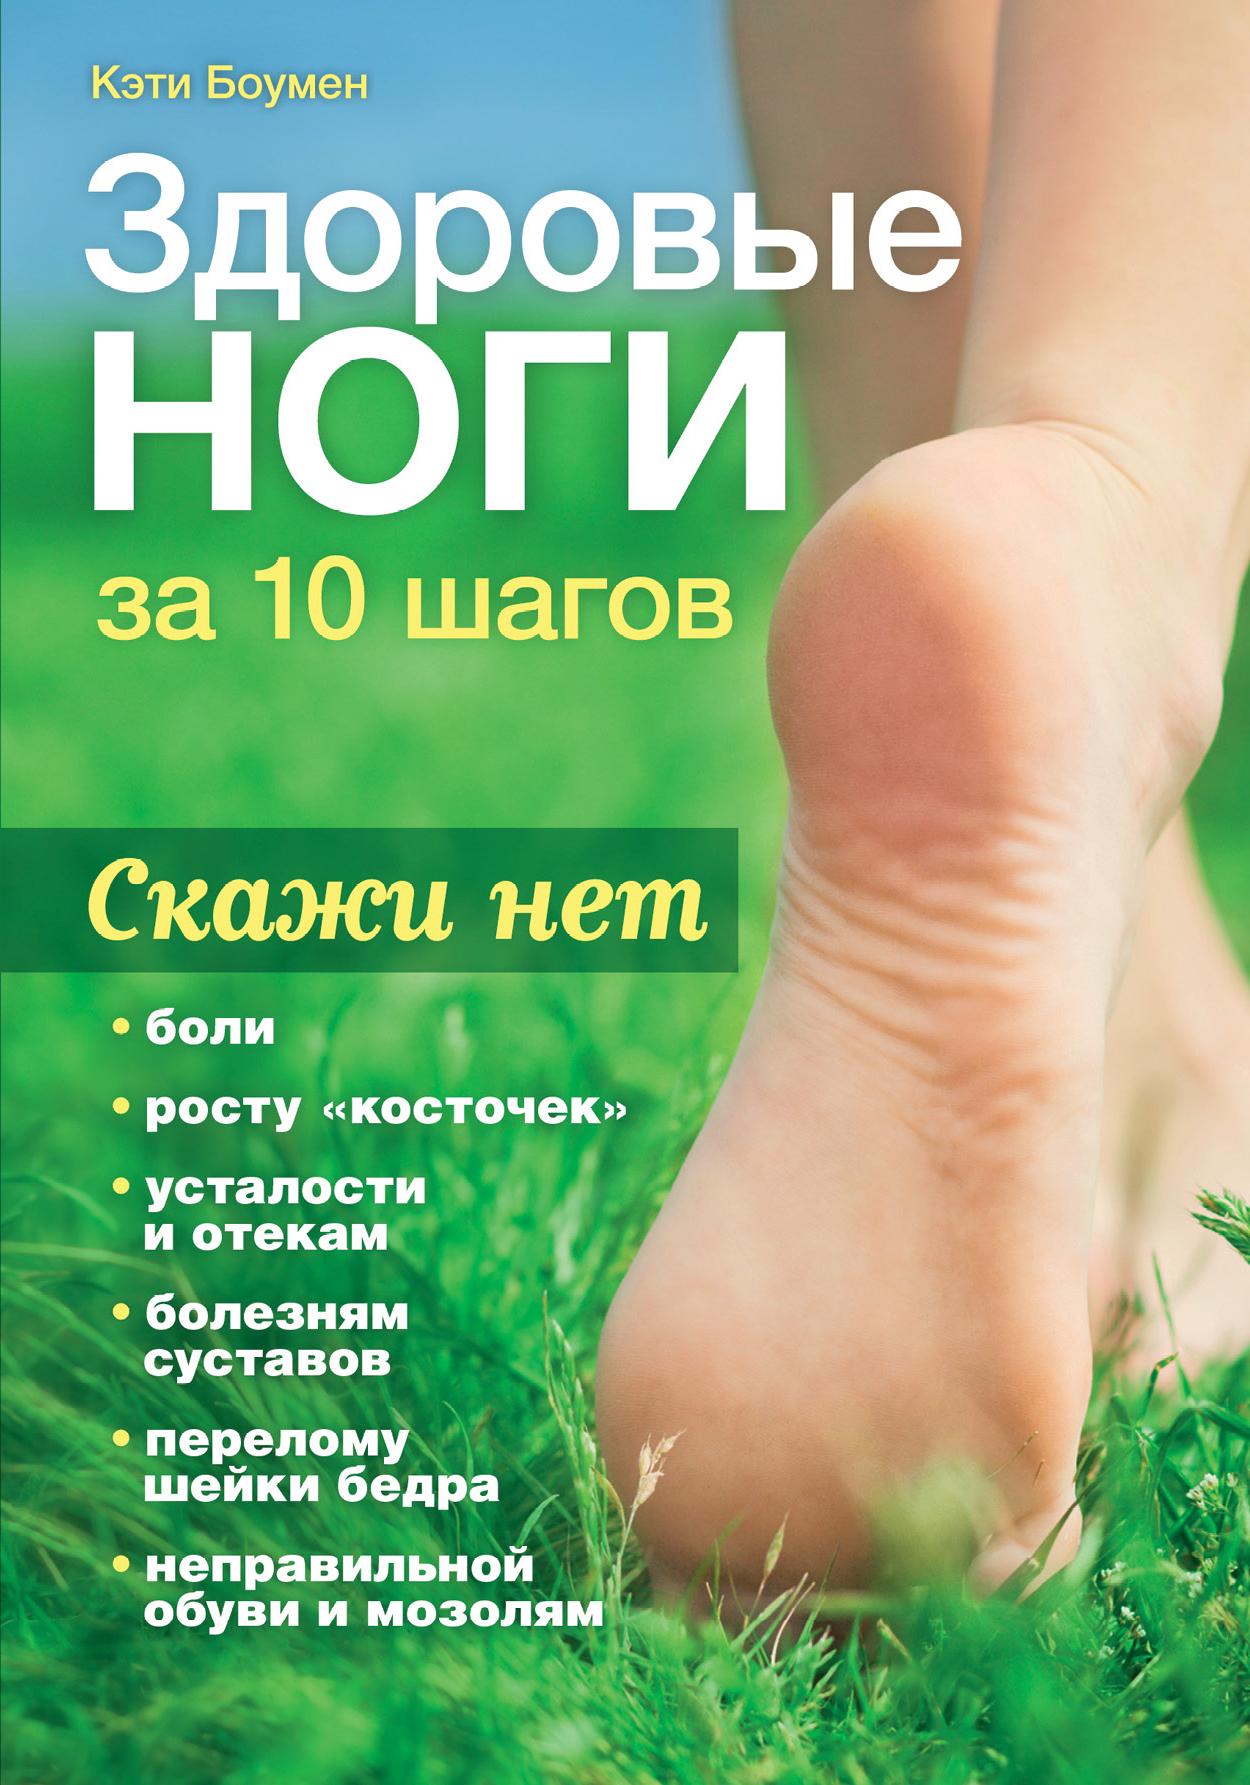 Кэти Боумен. Здоровые ноги за 10 шагов